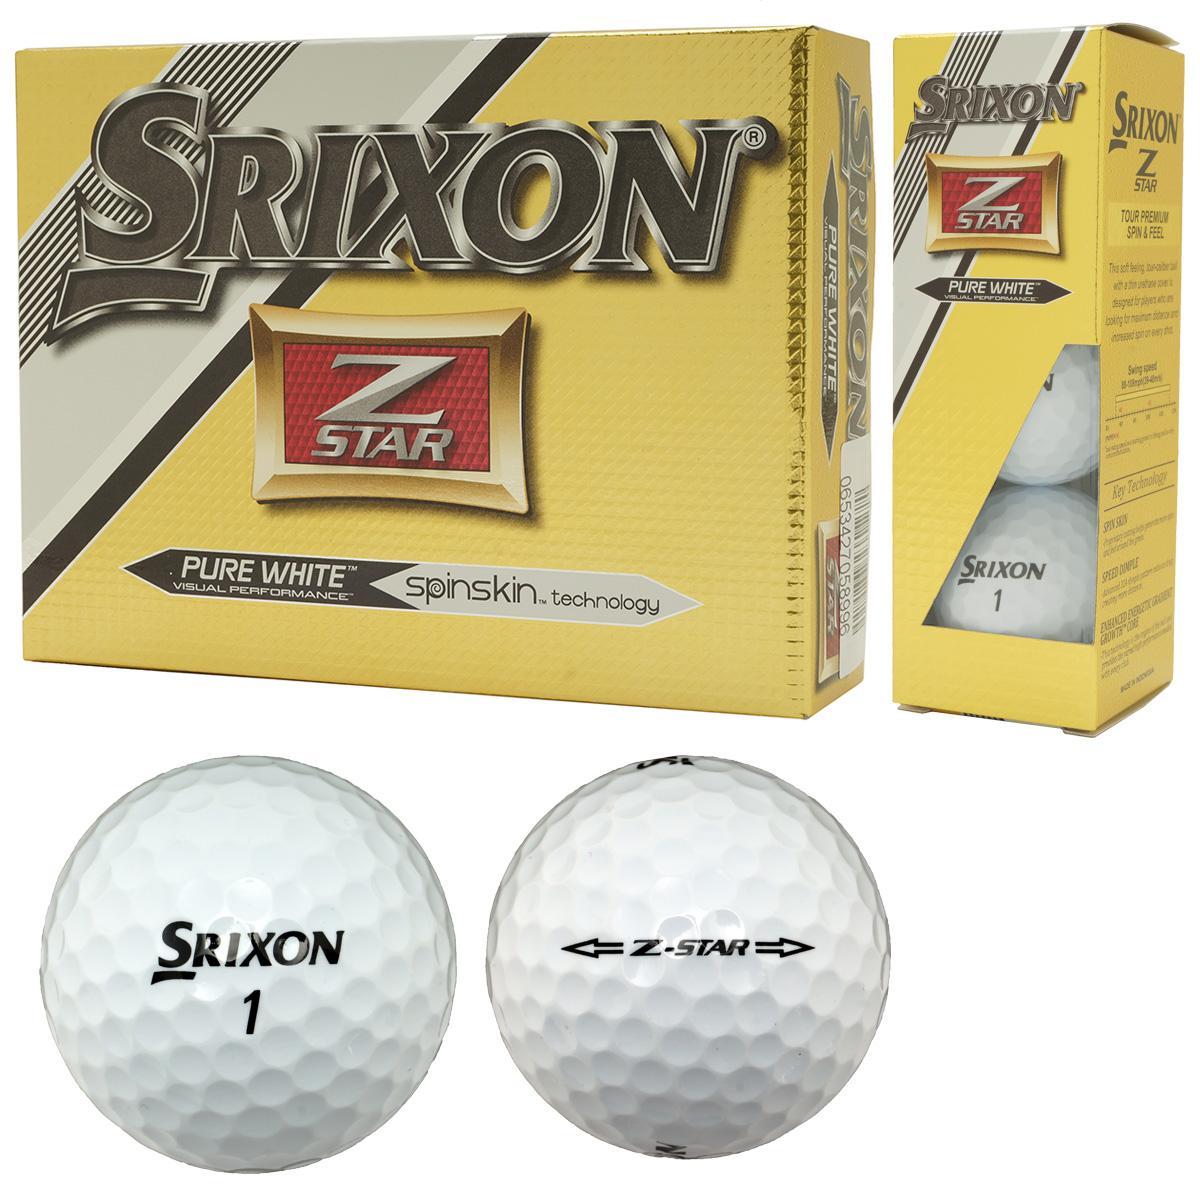 ダンロップ SRIXON Z-STAR ボール 2015[ゴルフ用品 GOLF GDO ボール ゴルフボール プレゼント ギフト 通販 楽天]